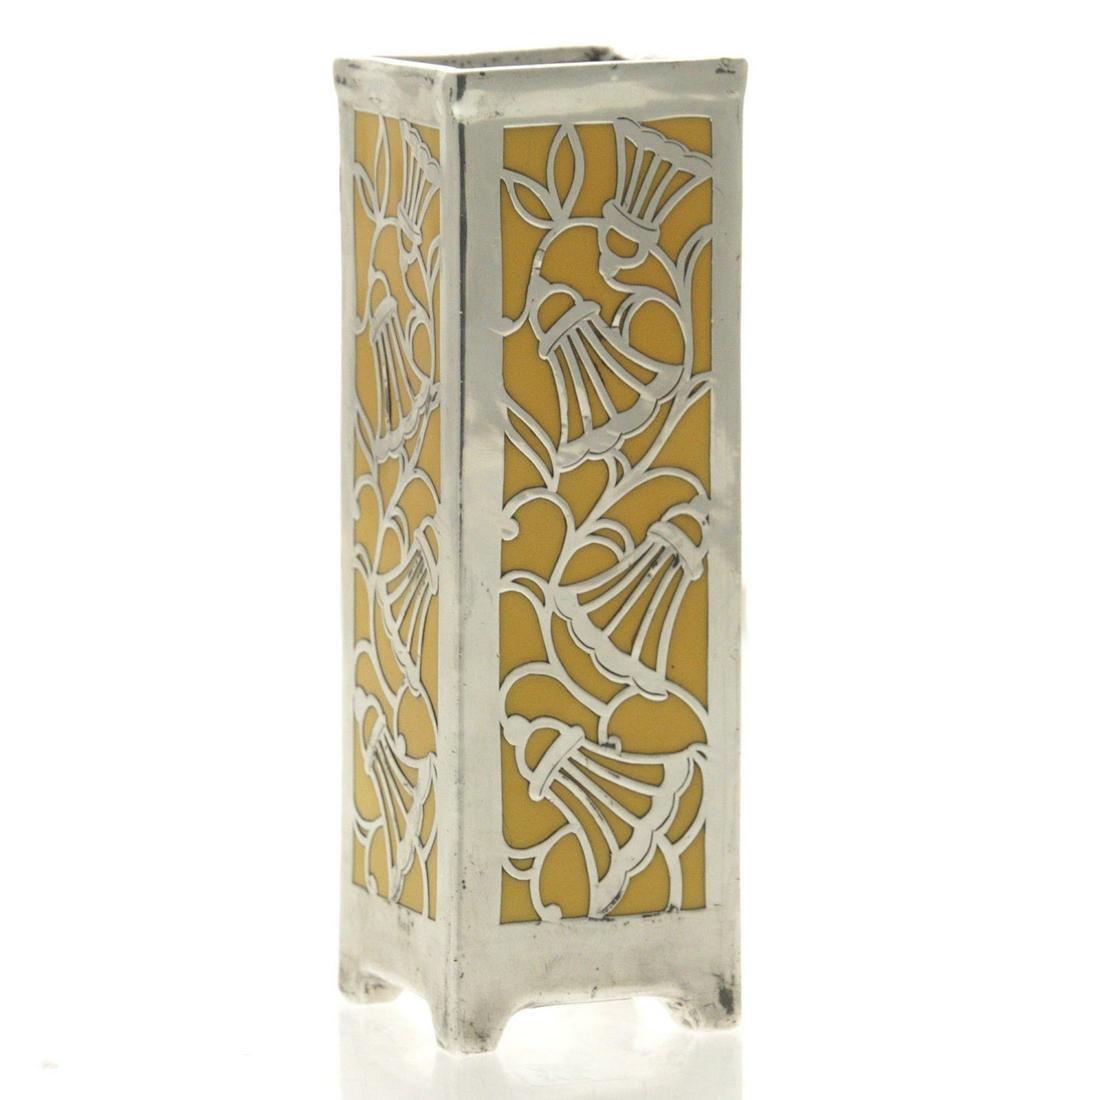 Porcelijnen vase Friedrich Wilhelm Spahr silver overlay Art Deco 20 /'s Germany